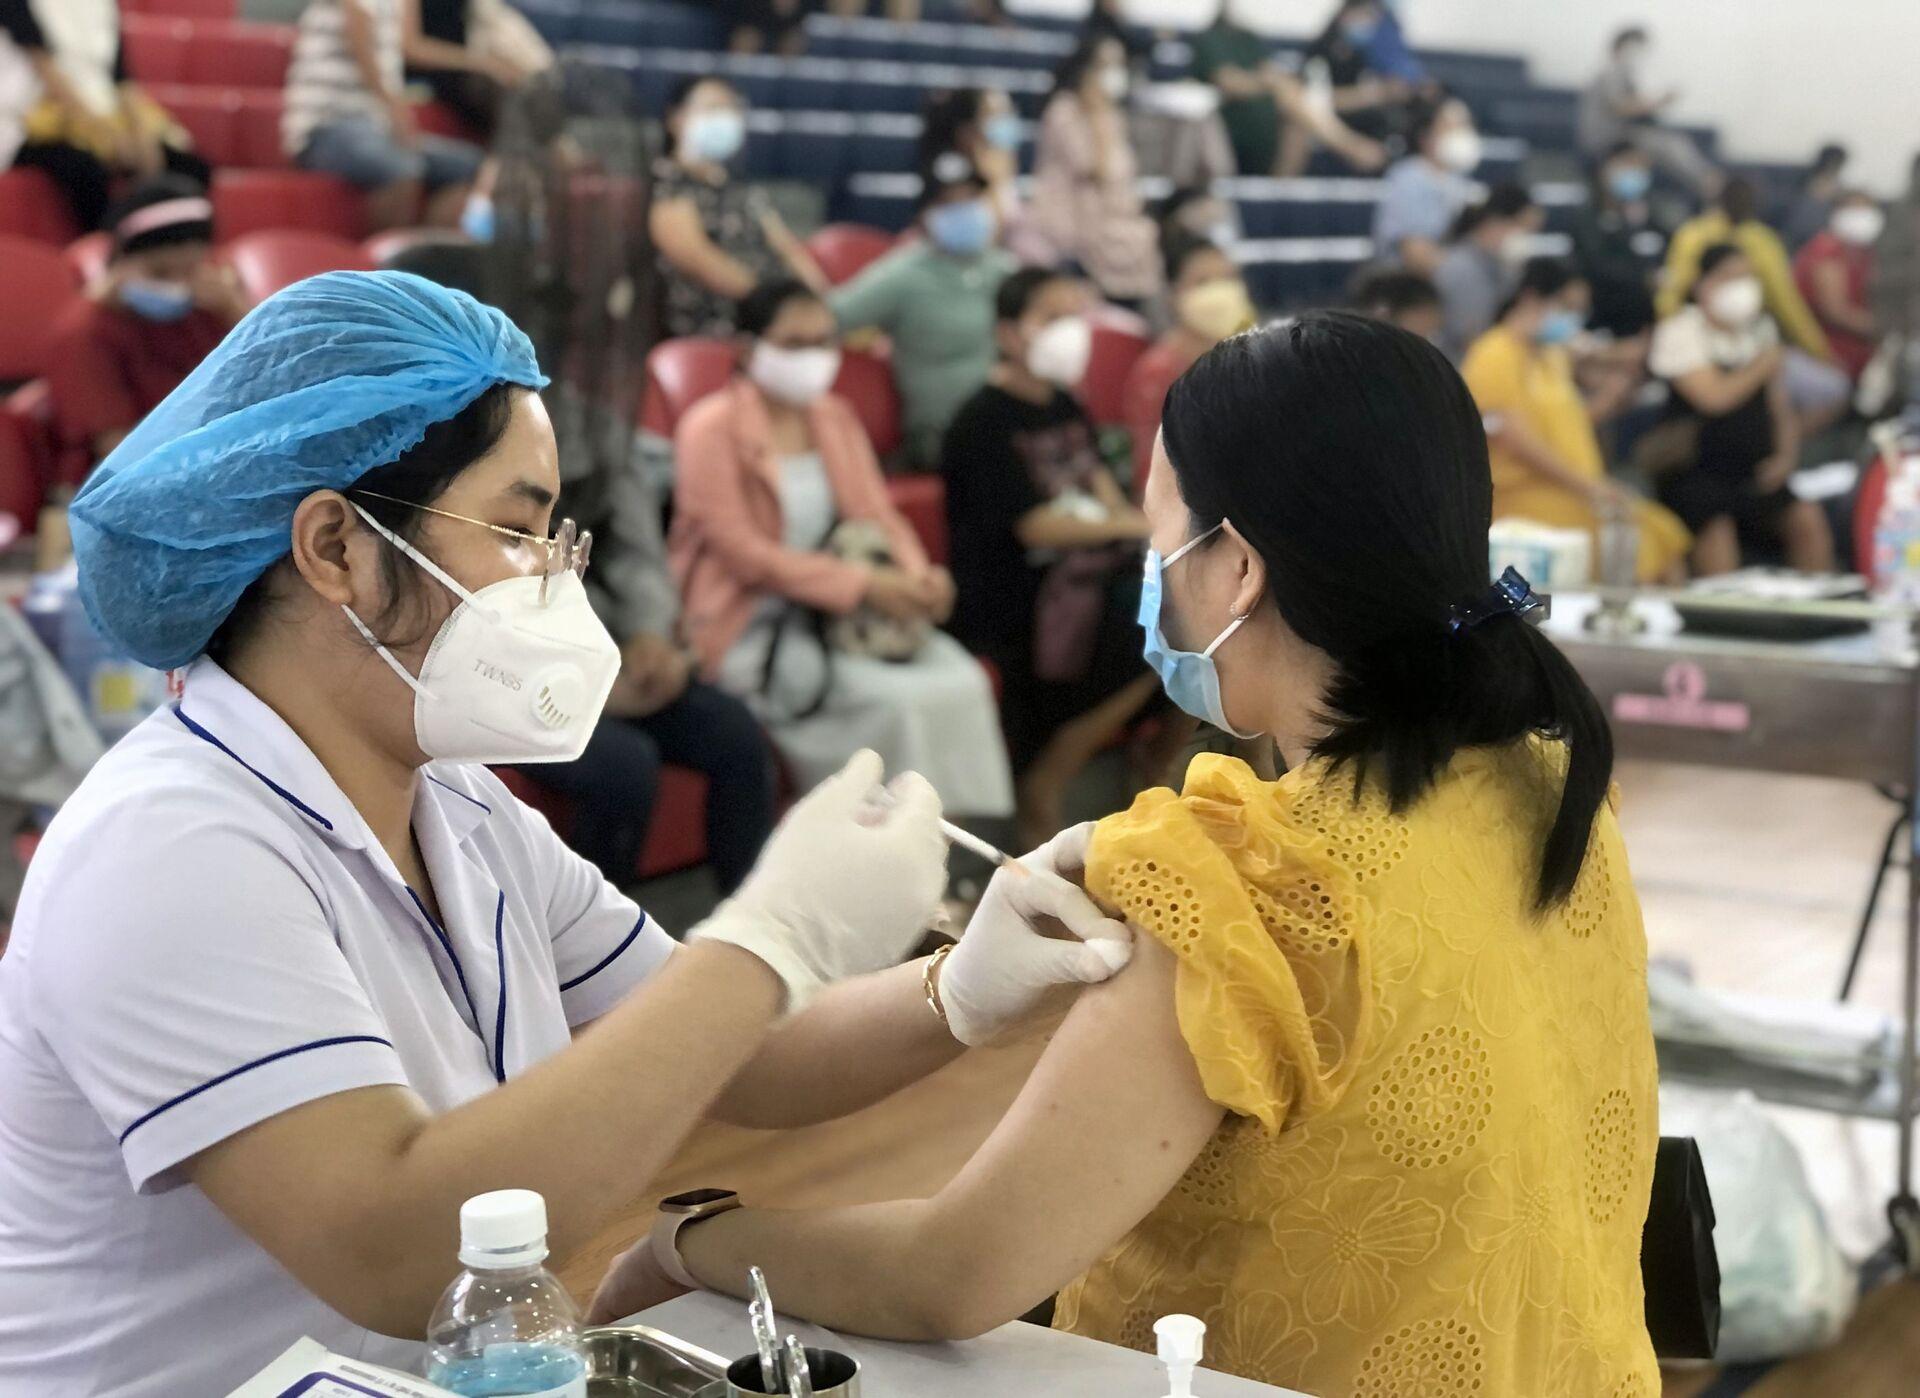 Tiêm vaccine phòng COVID-19 cho phụ nữ mang thai từ 13 tuần trở lên ở thành phố Quy Nhơn - Sputnik Việt Nam, 1920, 05.10.2021